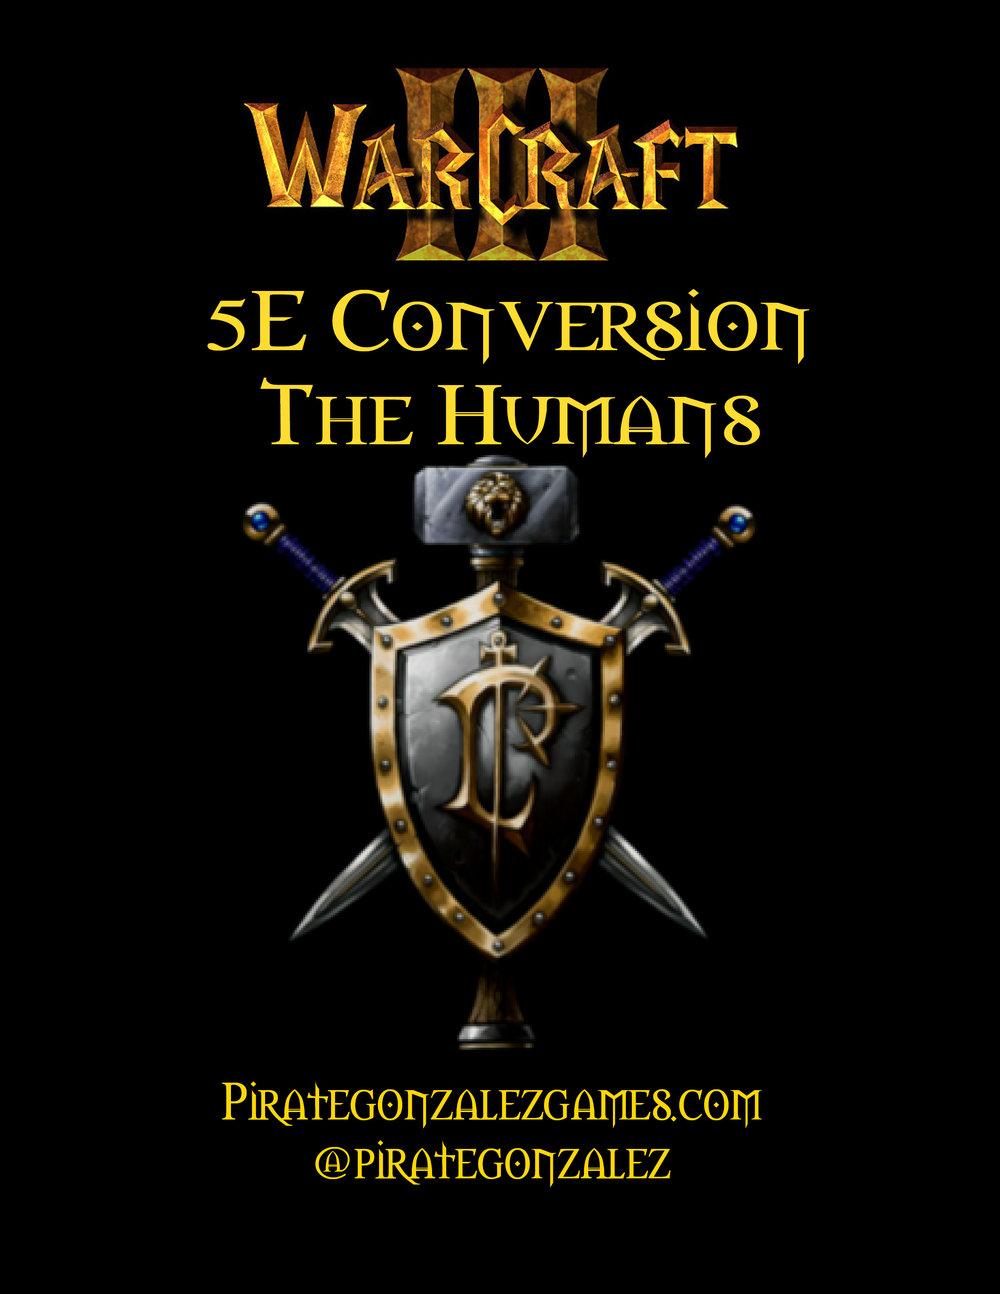 Warcraft III: Humans